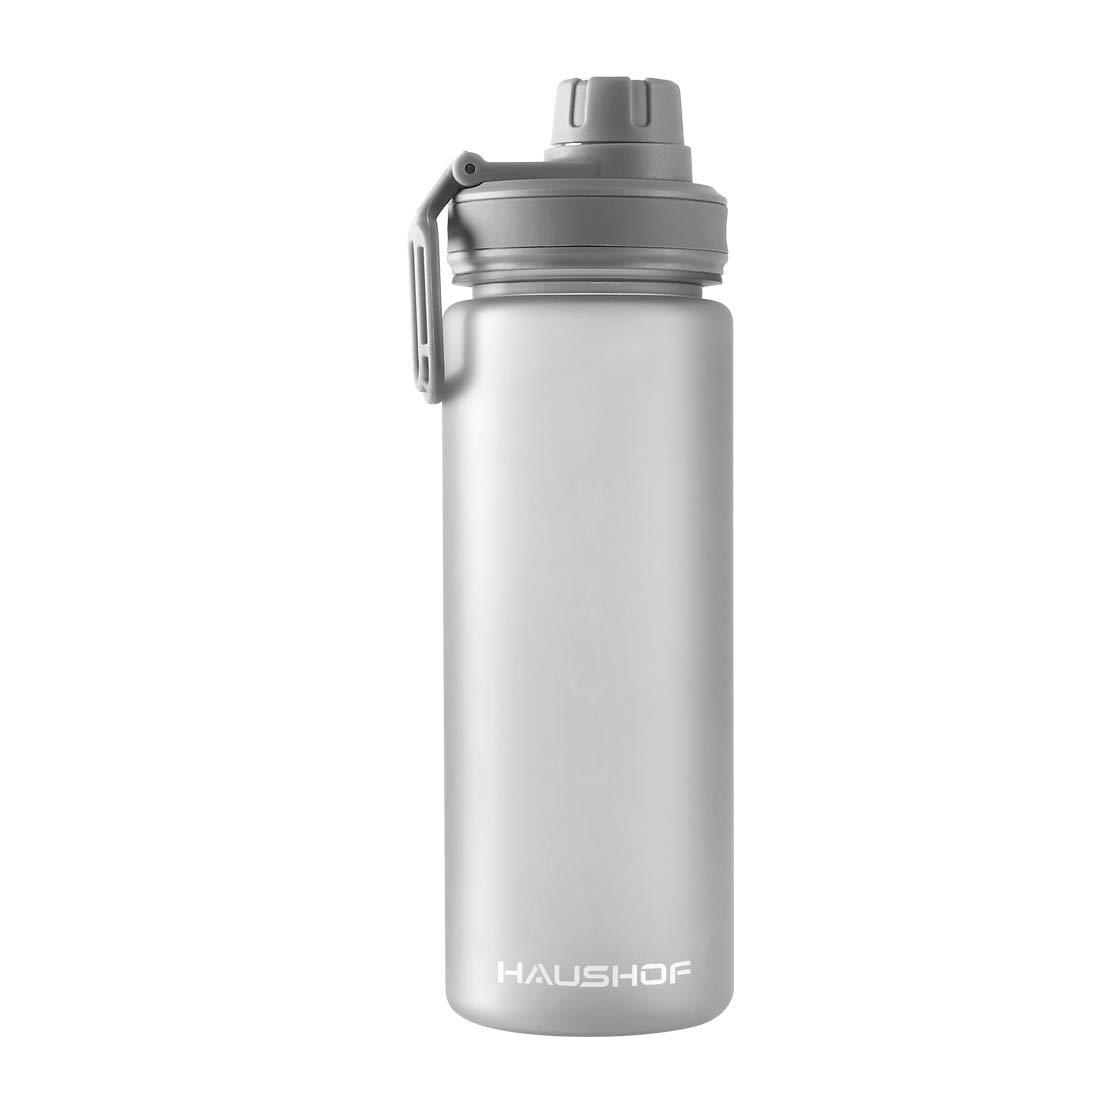 HAUSHOF Trinkflasche Wasserflasche Auslaufsicher Sportflasche BPA-Frei ECO 710 ml